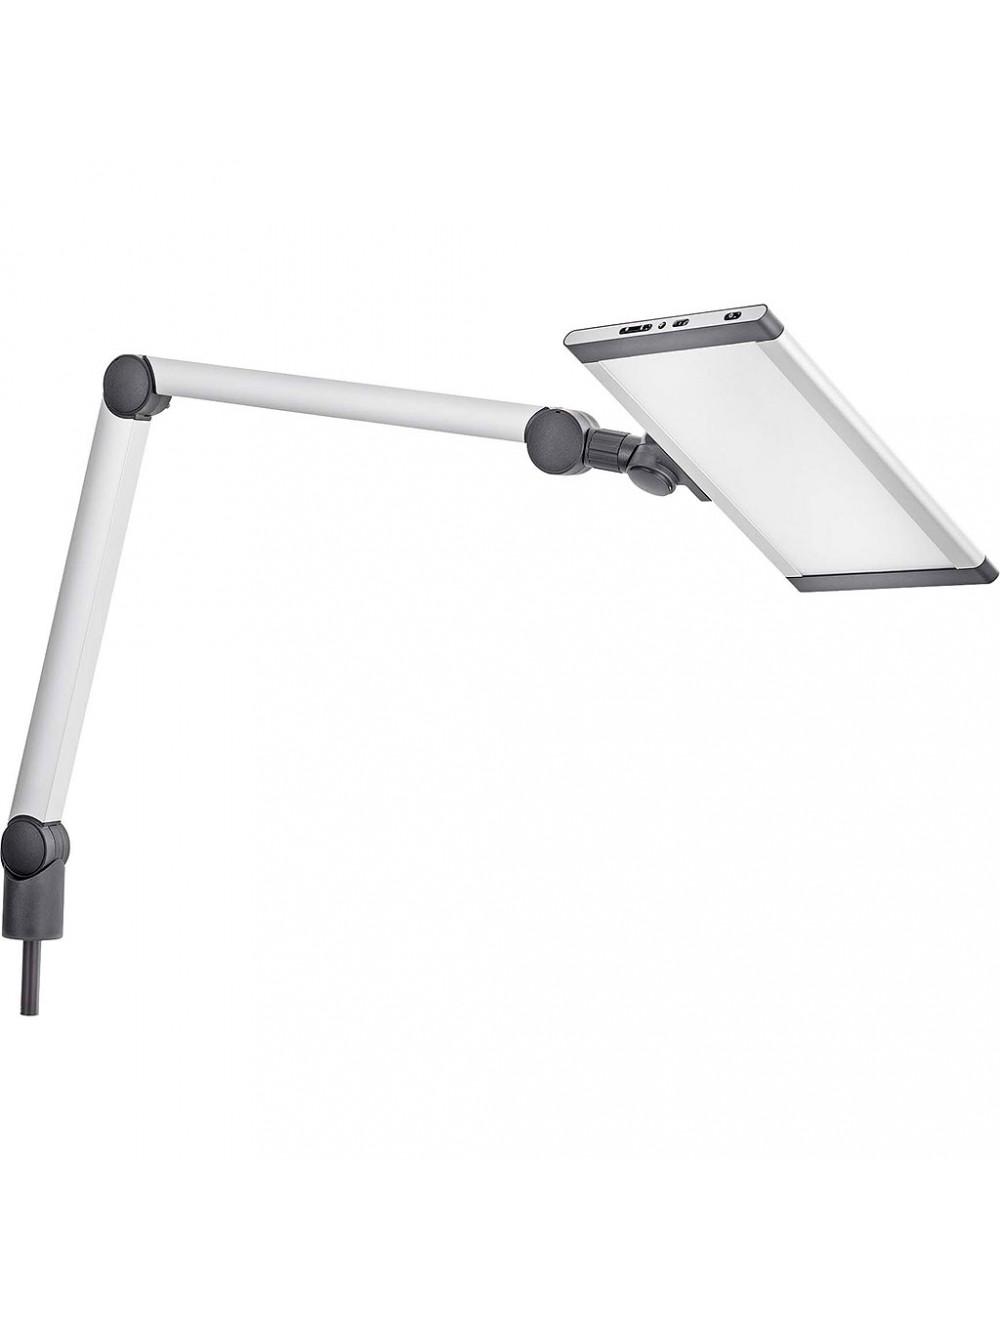 Das Produkt Reitel LED-Leuchte Mini mit Tischbefestigung 19101000 aus dem Global-dent online shop.